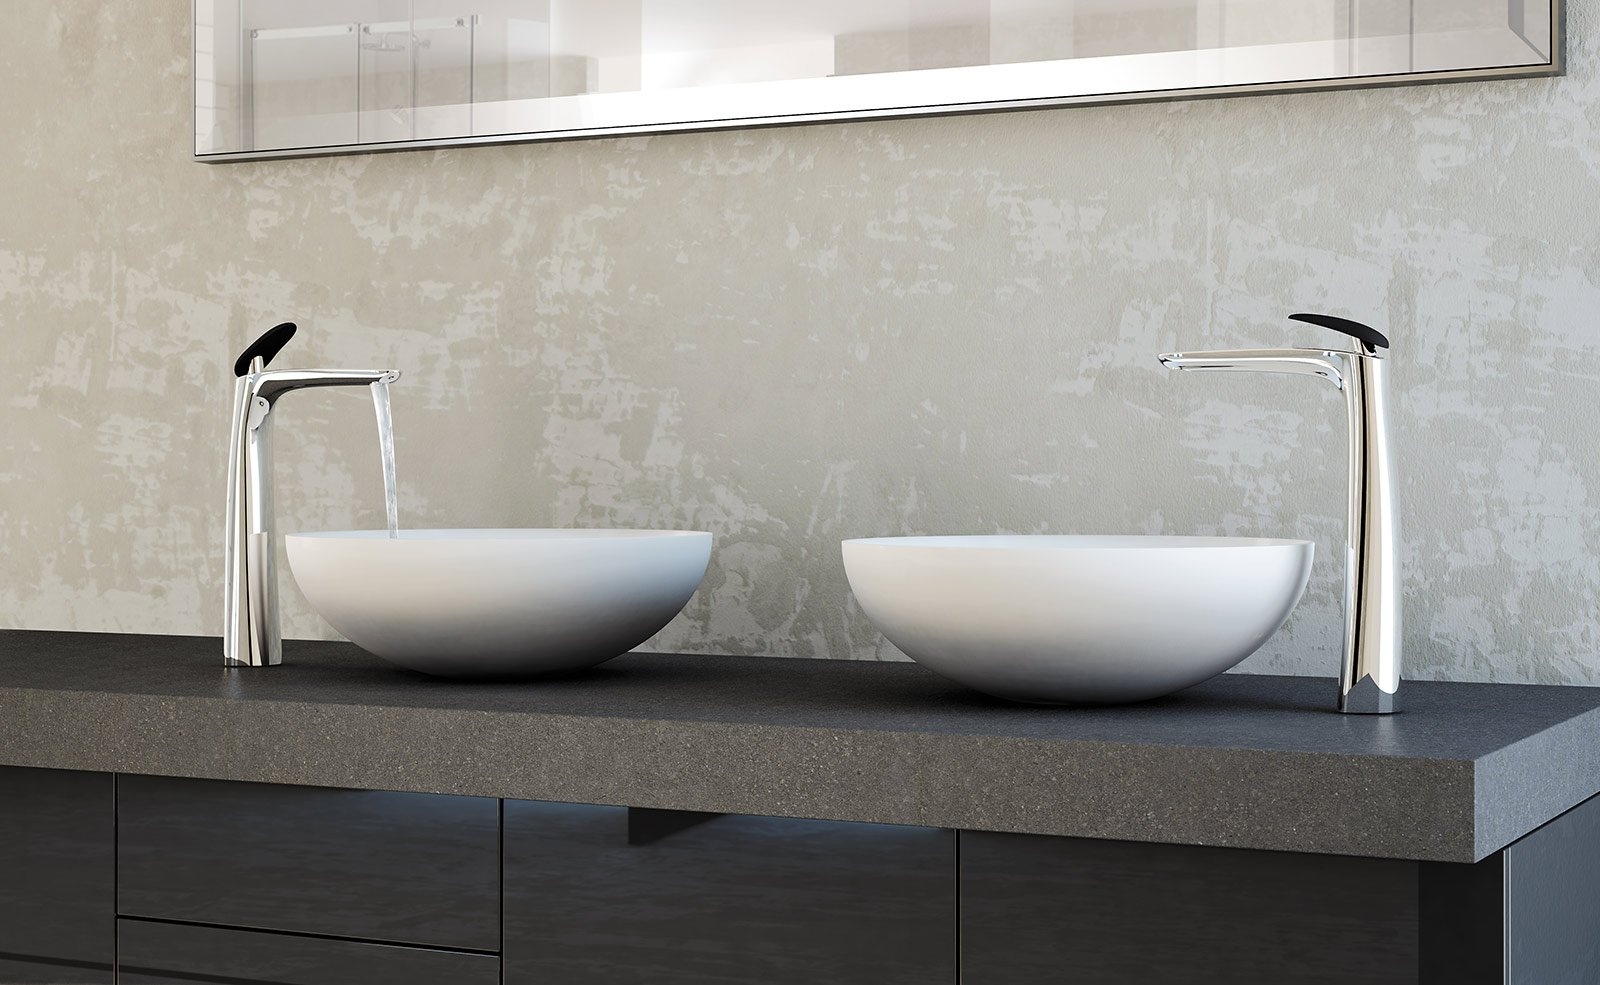 Rubinetteria per il lavabo cose di casa for Rubinetti bagno ideal standard